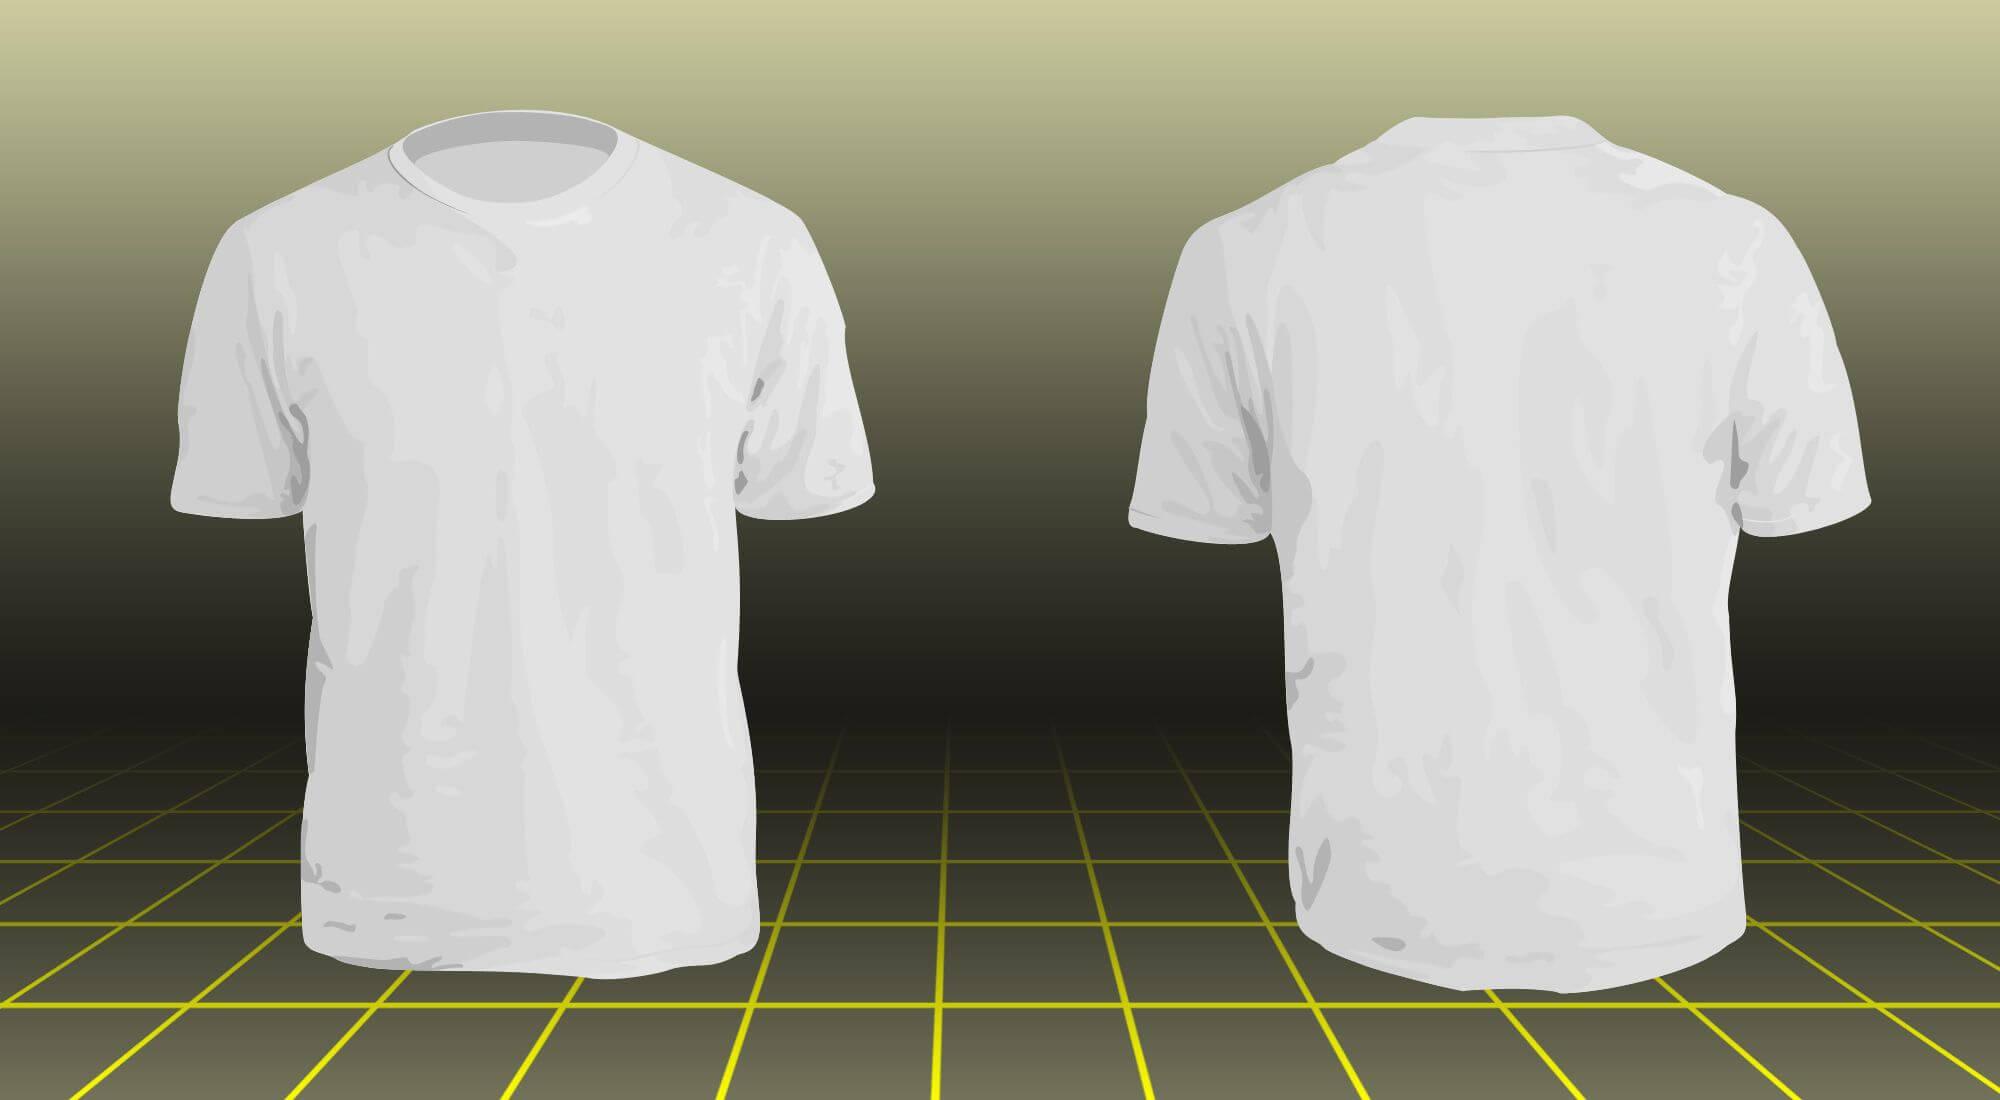 Tshirt Modelnx57.deviantart | T Shirt Design Intended For Blank T Shirt Design Template Psd